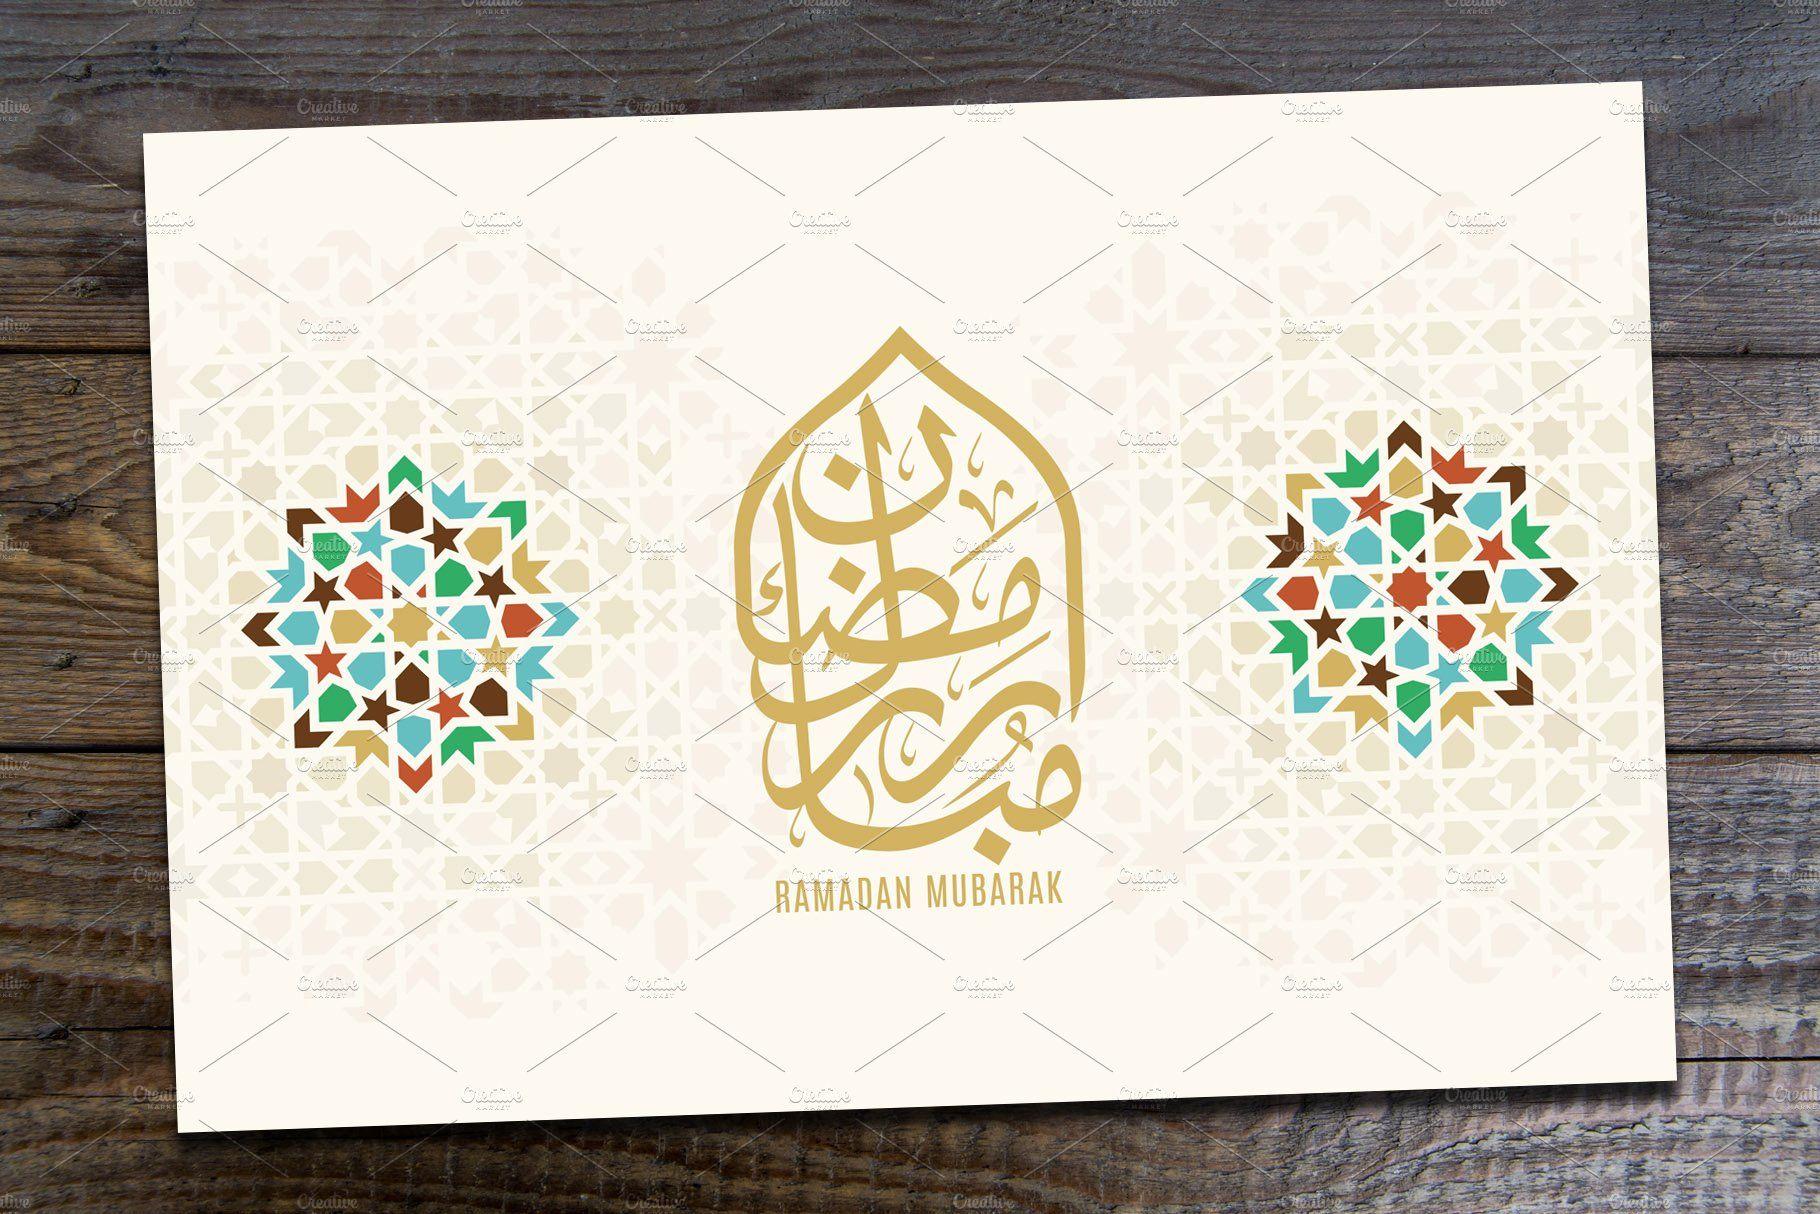 Ramadan Mubarak Greeting Card Ramadan Greeting Cards Ramadan Mubarak